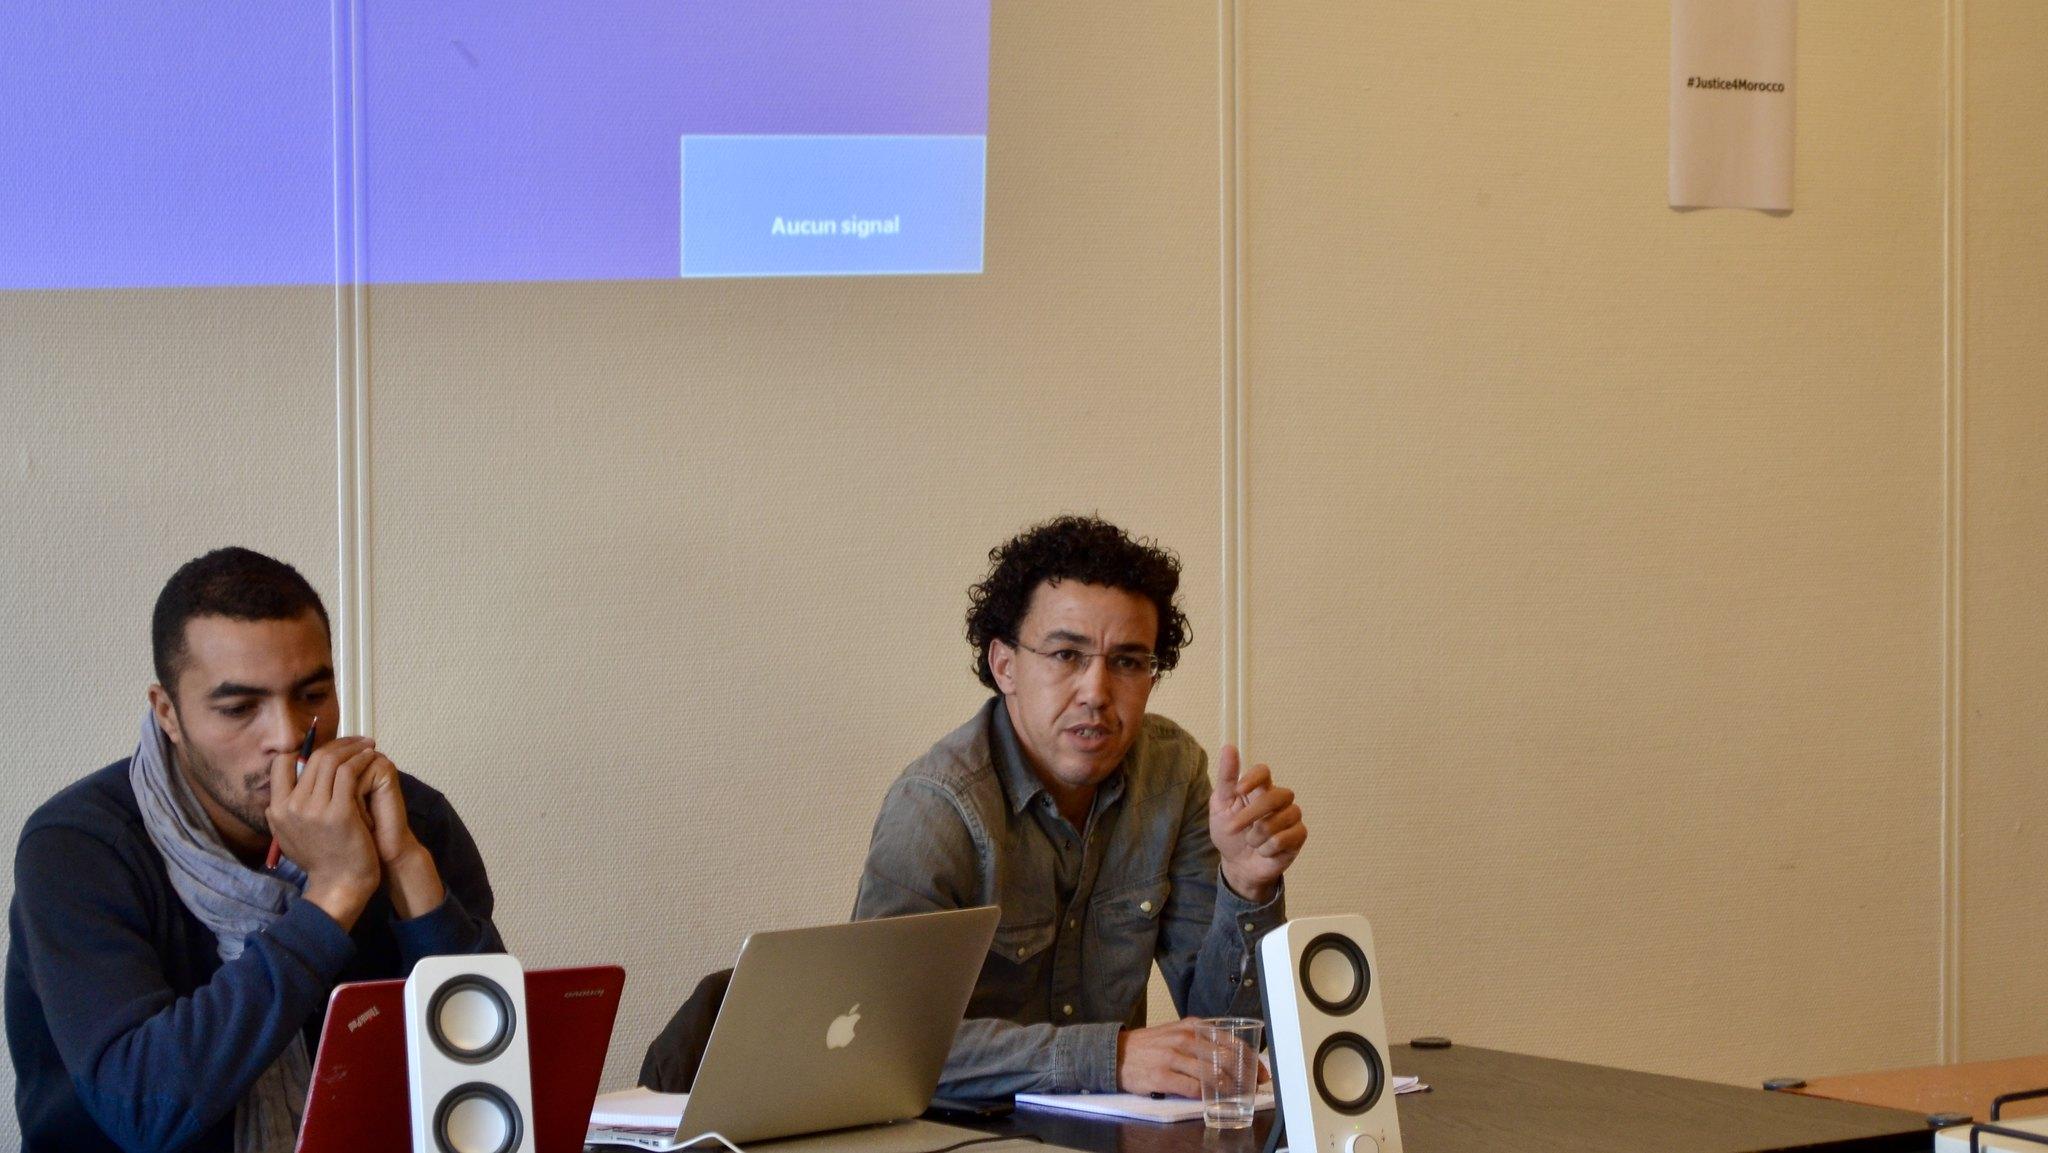 Octobre 2016 - Hicham Mansouri et Abdessamad Ait Aicha (Samad Iach)